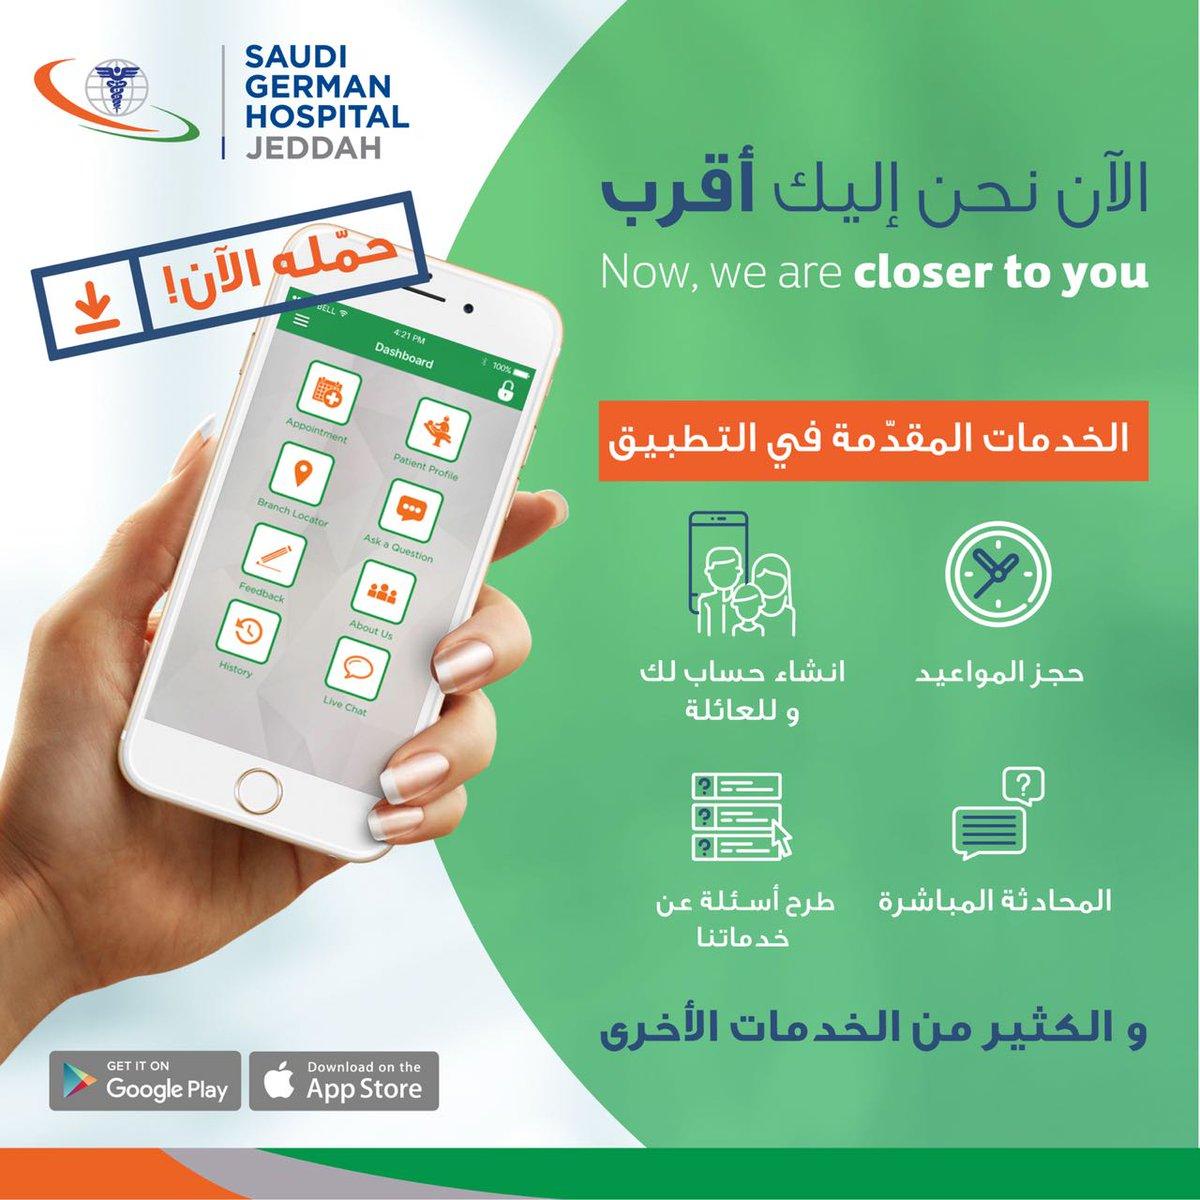 Uzivatel المستشفى السعودي الألماني جدة Na Twitteru عبر تطبيق الخدمات الألكترونية من مستشفيات السعودي الألماني يمكنك حجز موعدك مباشرة عبر الموقع الإلكتروني أو تطبيق الأجهزة الذكية للاندرويد والأيفون بخطوات سهلة وبسيطة والكثير